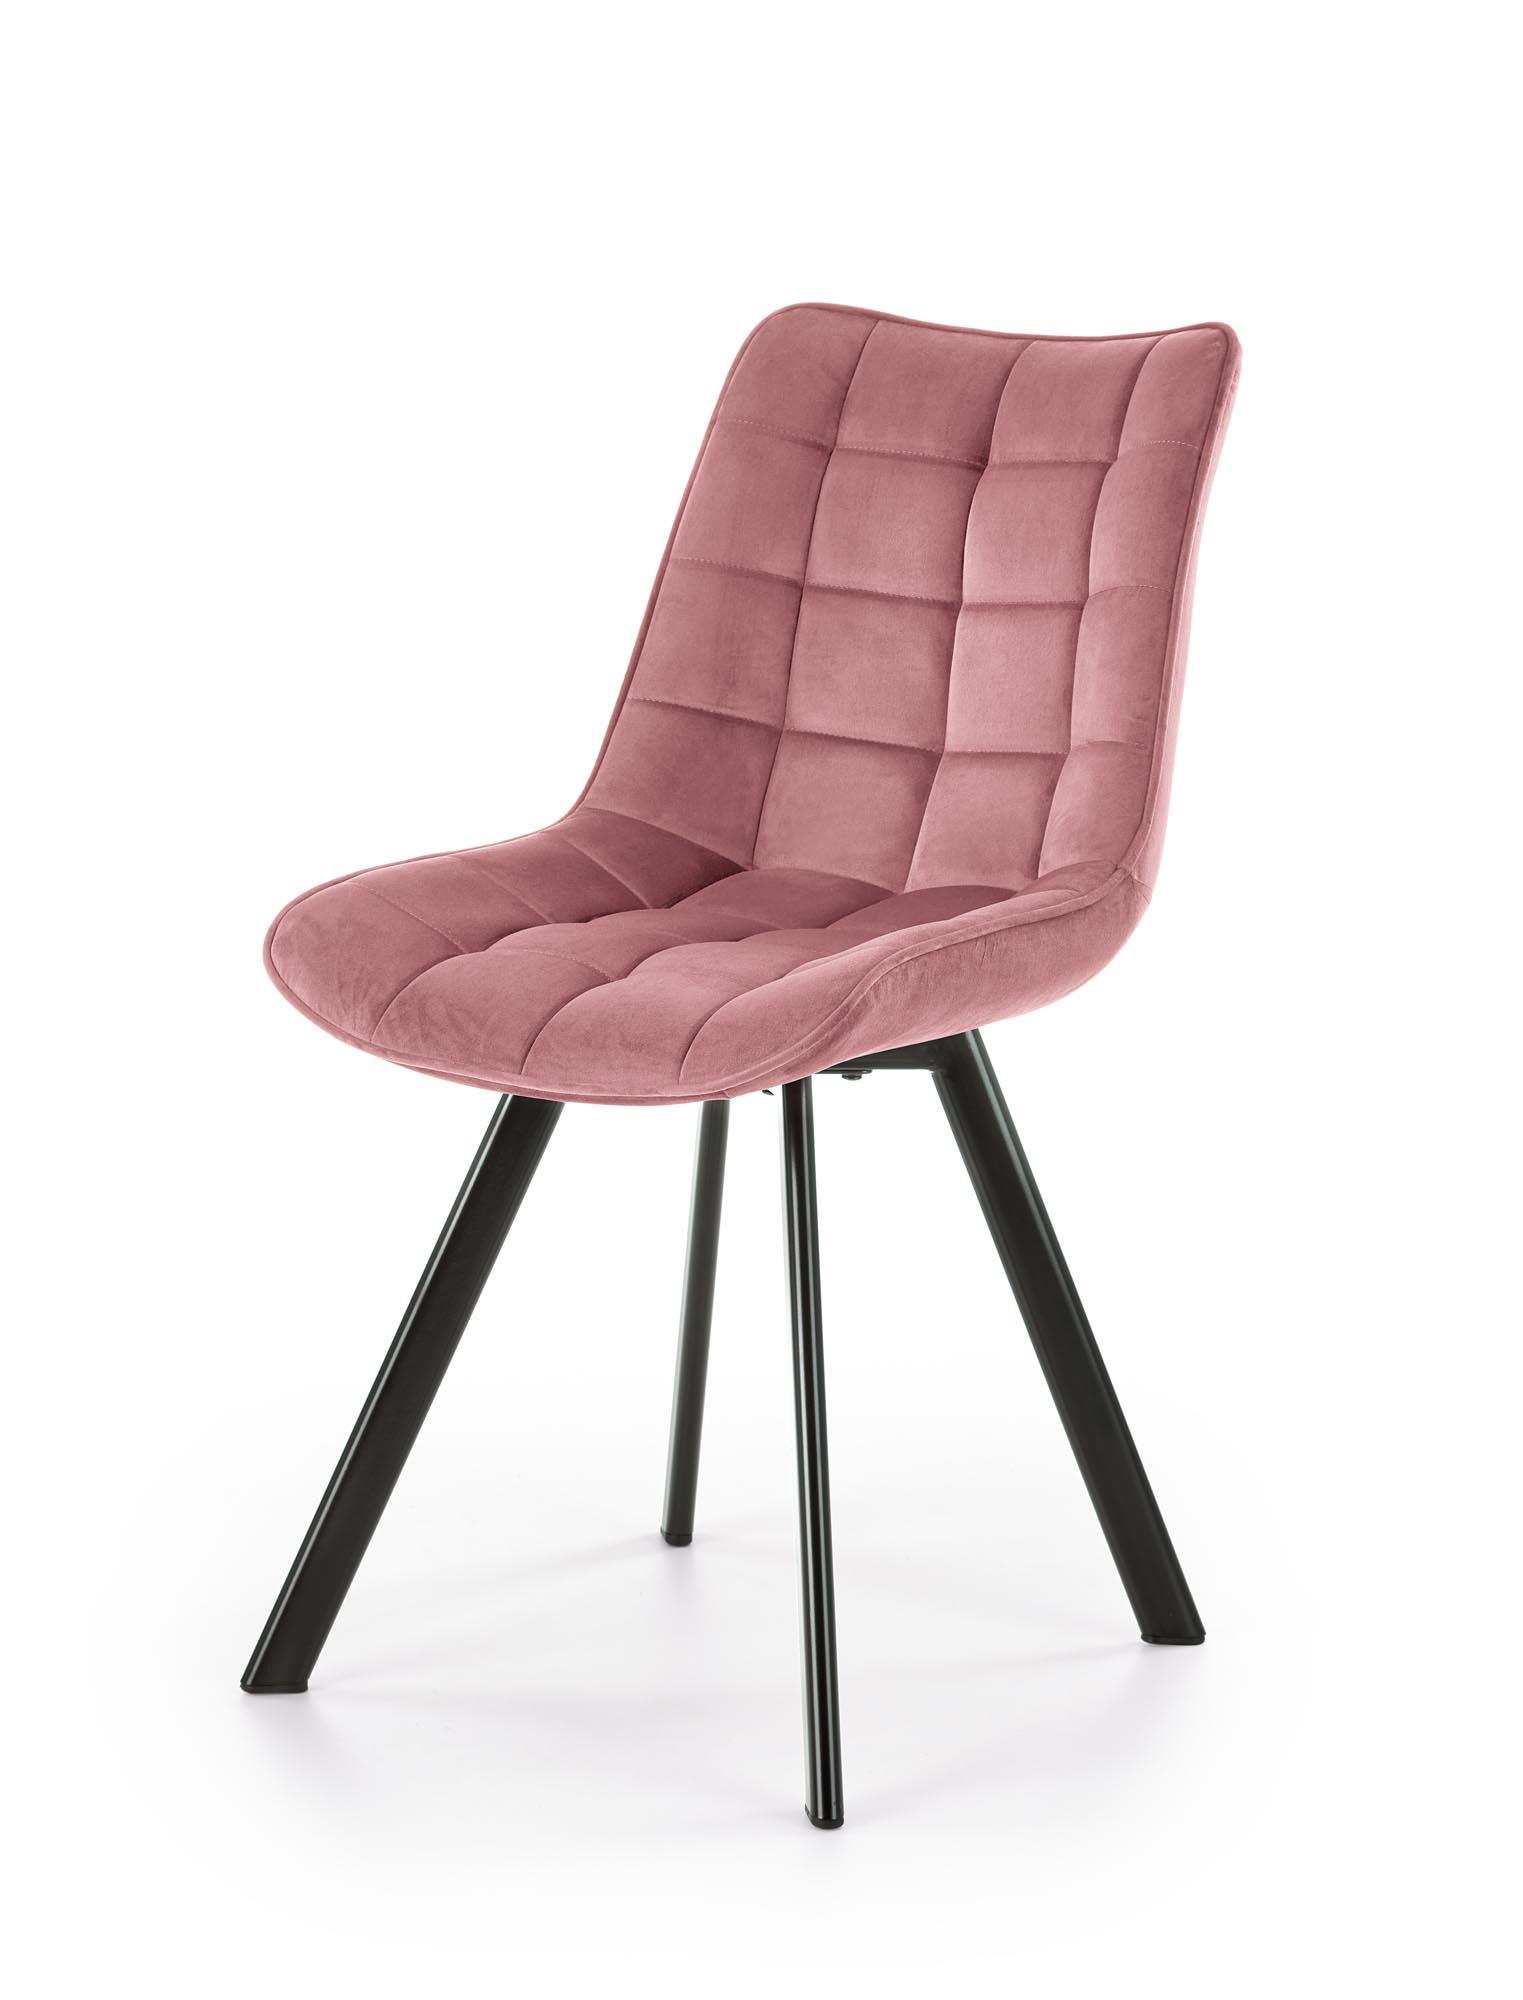 K332 krzesło nogi - czarne, siedzisko - różowy (1p=2szt)